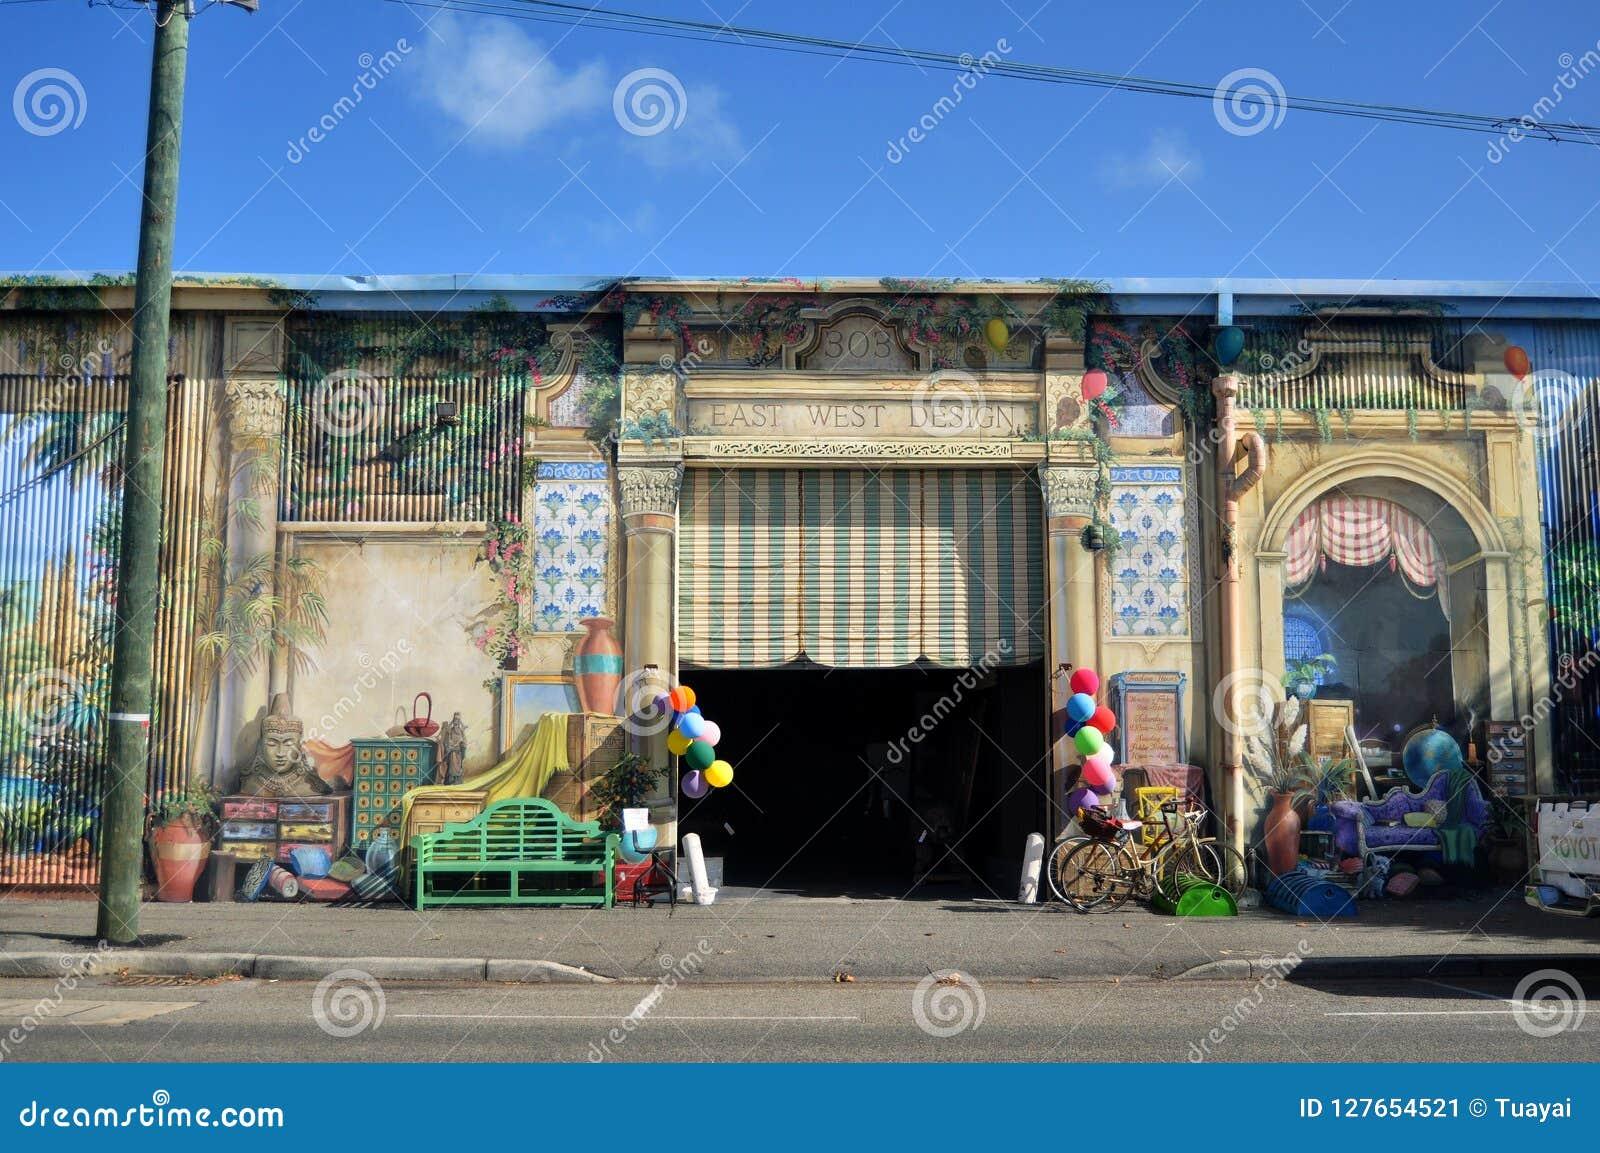 Κλασικό κατάστημα επίπλων οικοδόμησης στο θαλάσσιο δρόμο πεζουλιών στο λιμάνι Fremantle στο Περθ, Αυστραλία